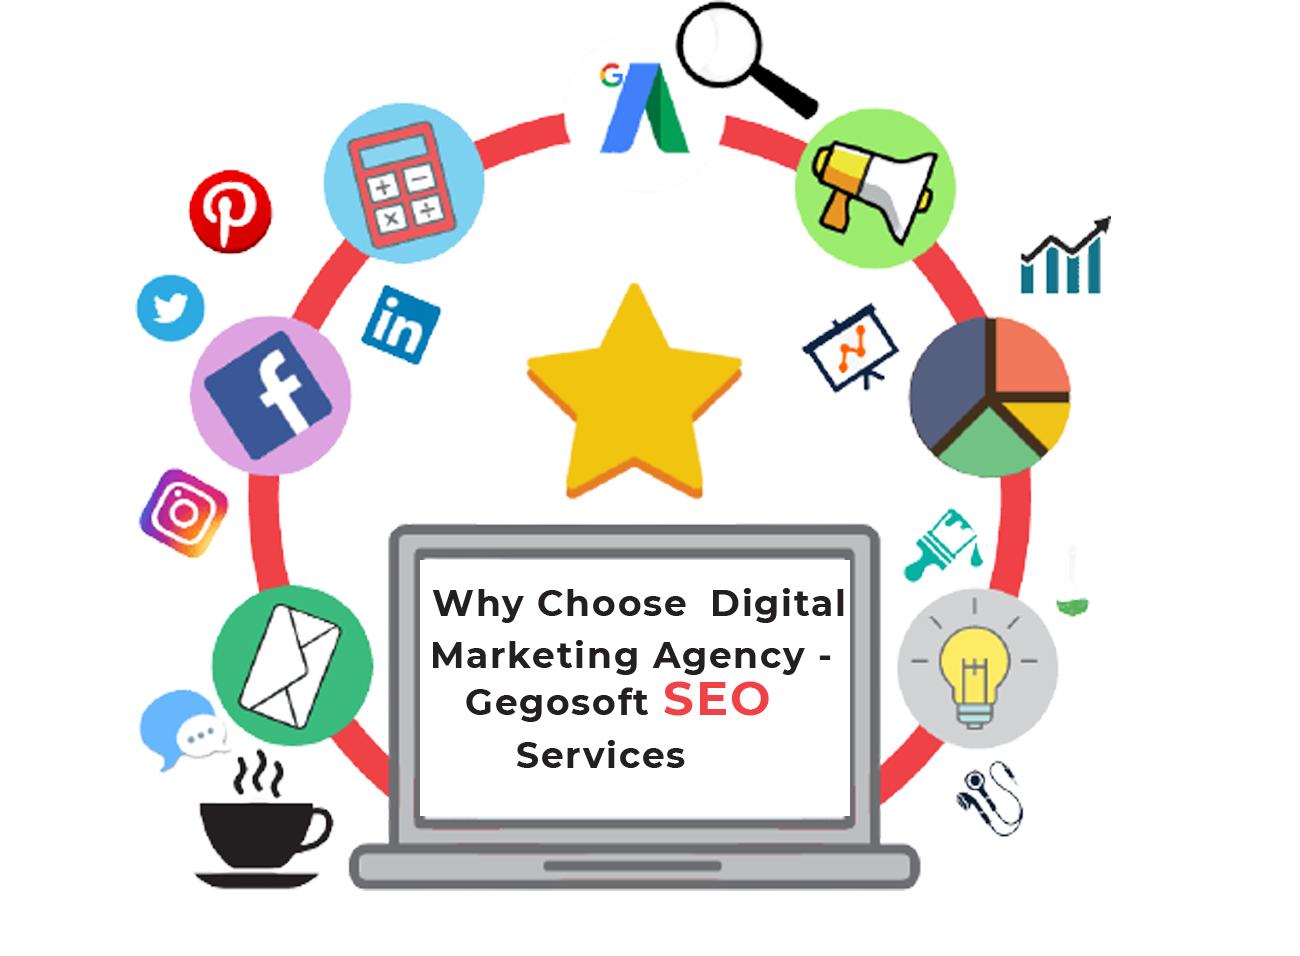 Why Choose Digital Marketing Agency?